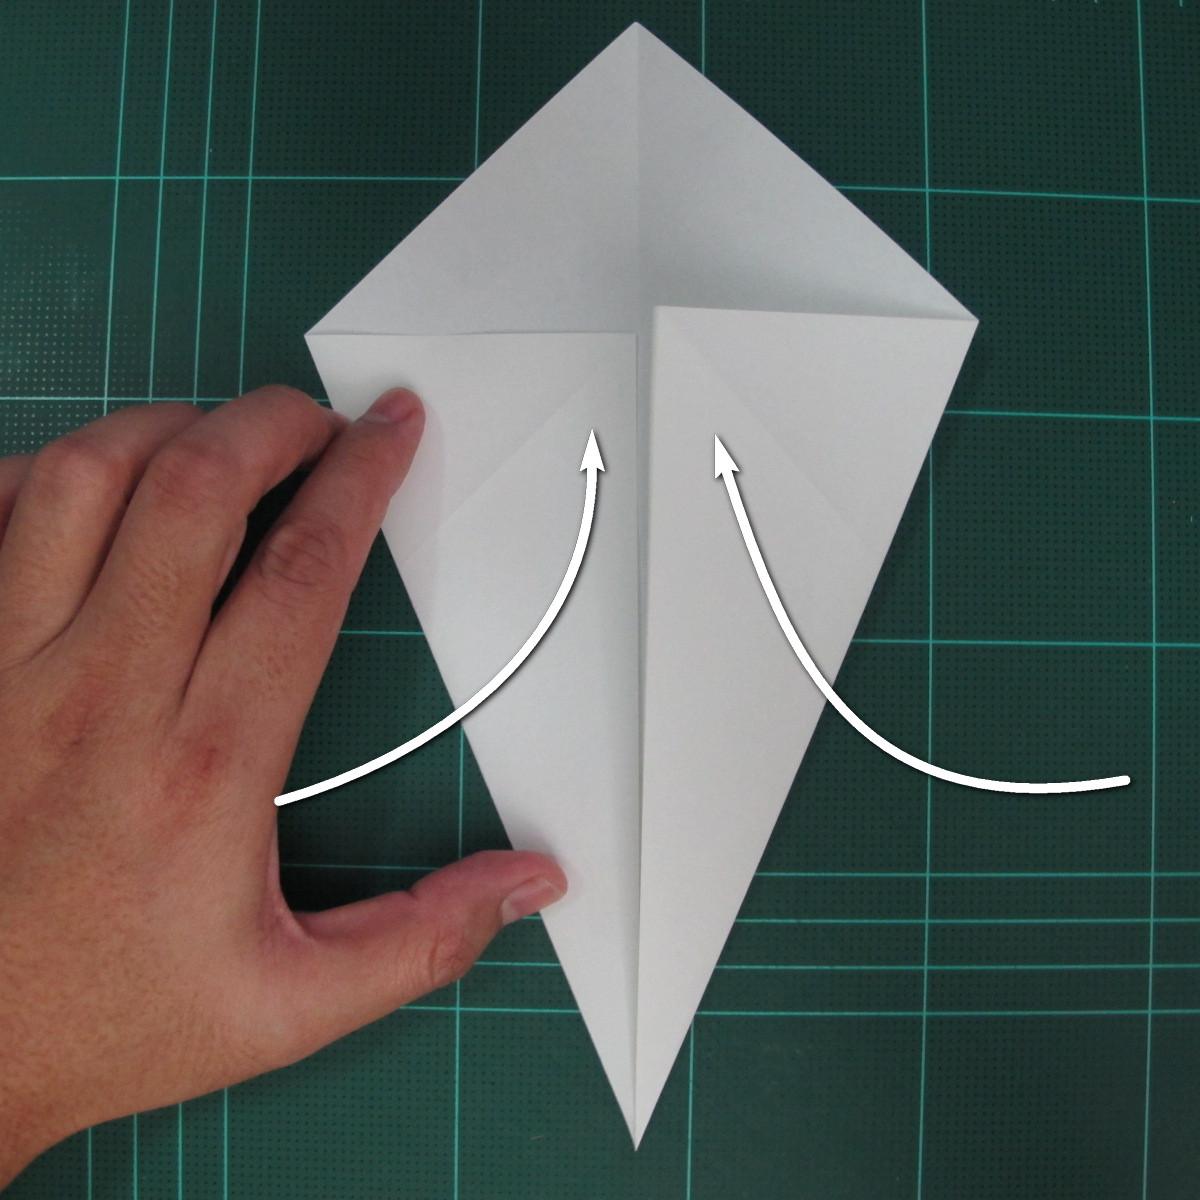 วิธีพับกระดาษเป็นรูปปลาแซลม่อน (Origami Salmon) 003